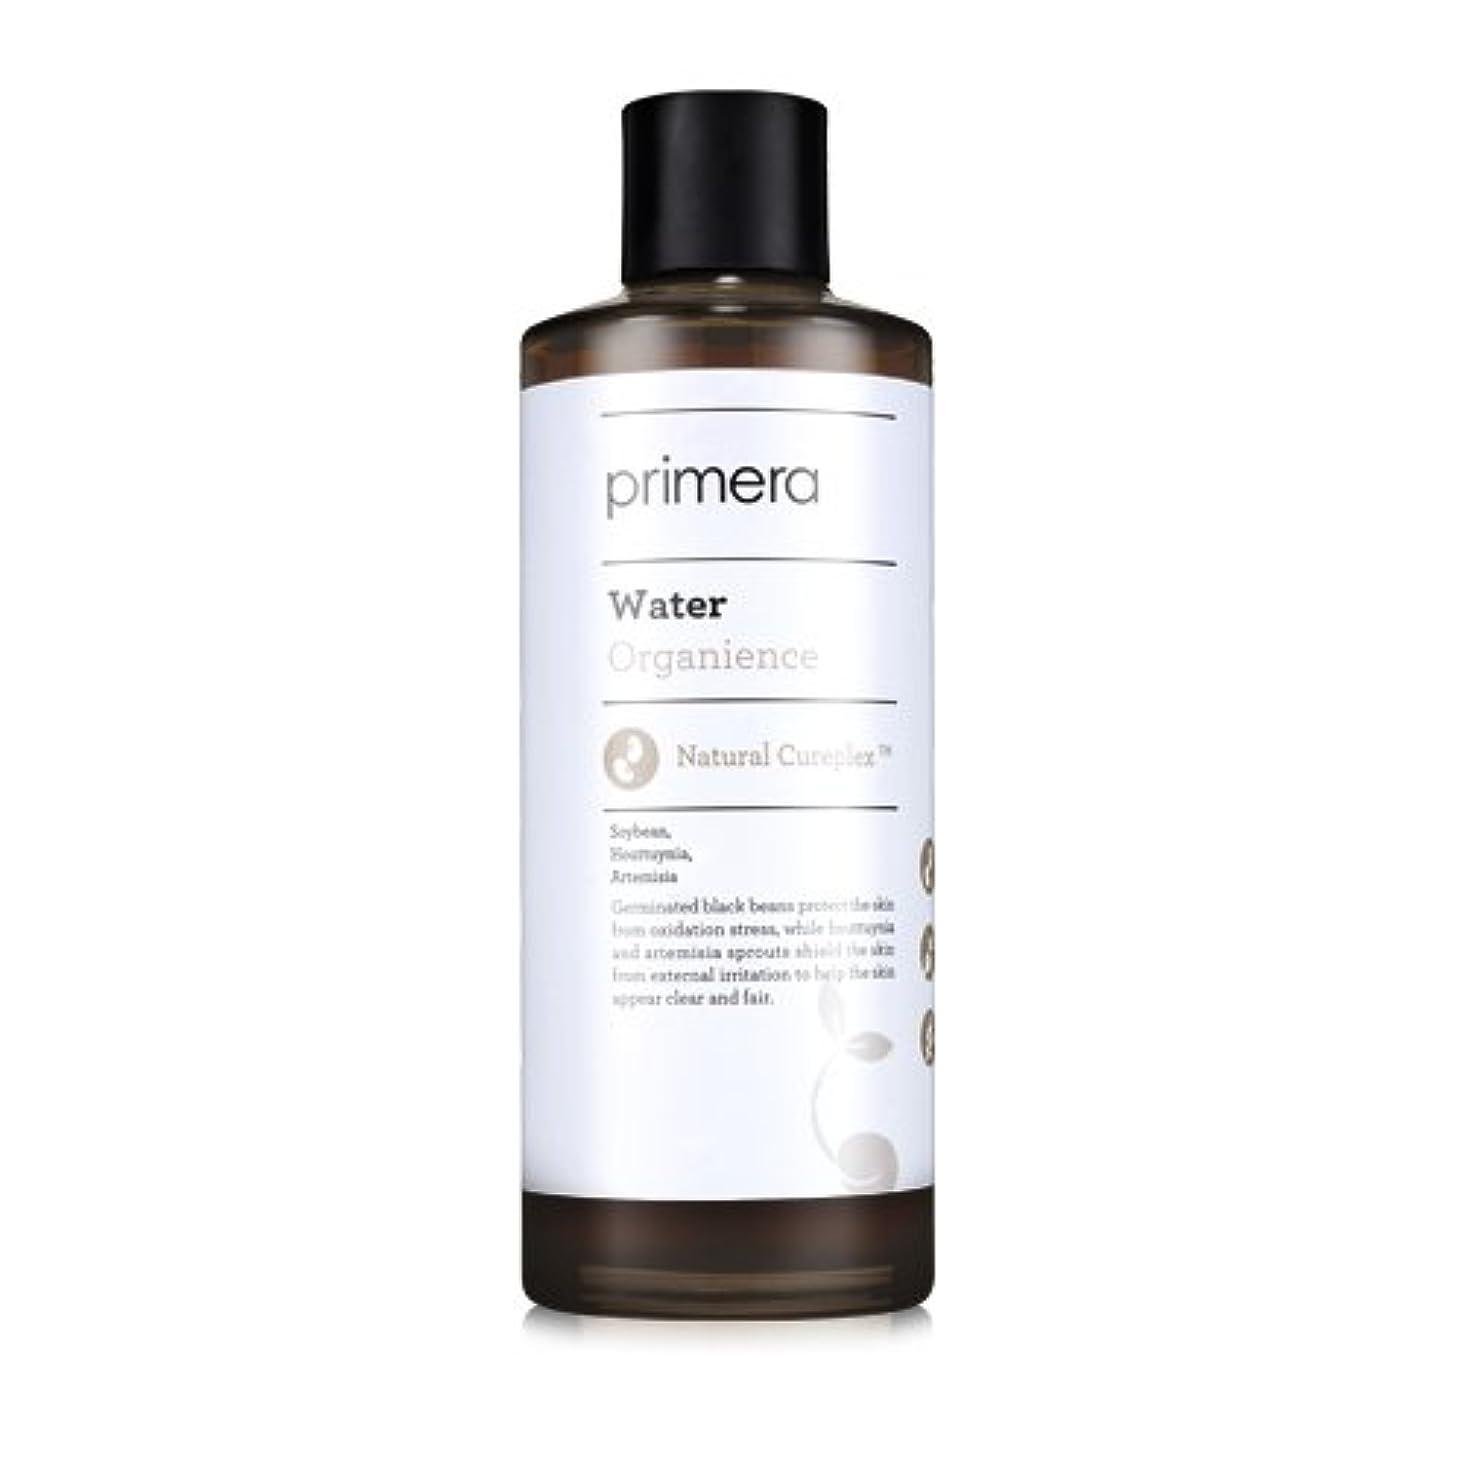 賞賛影響力のあるキャンパスPRIMERA プリメラ オーガニエンス エマルジョン(Organience Emulsion)乳液 150ml